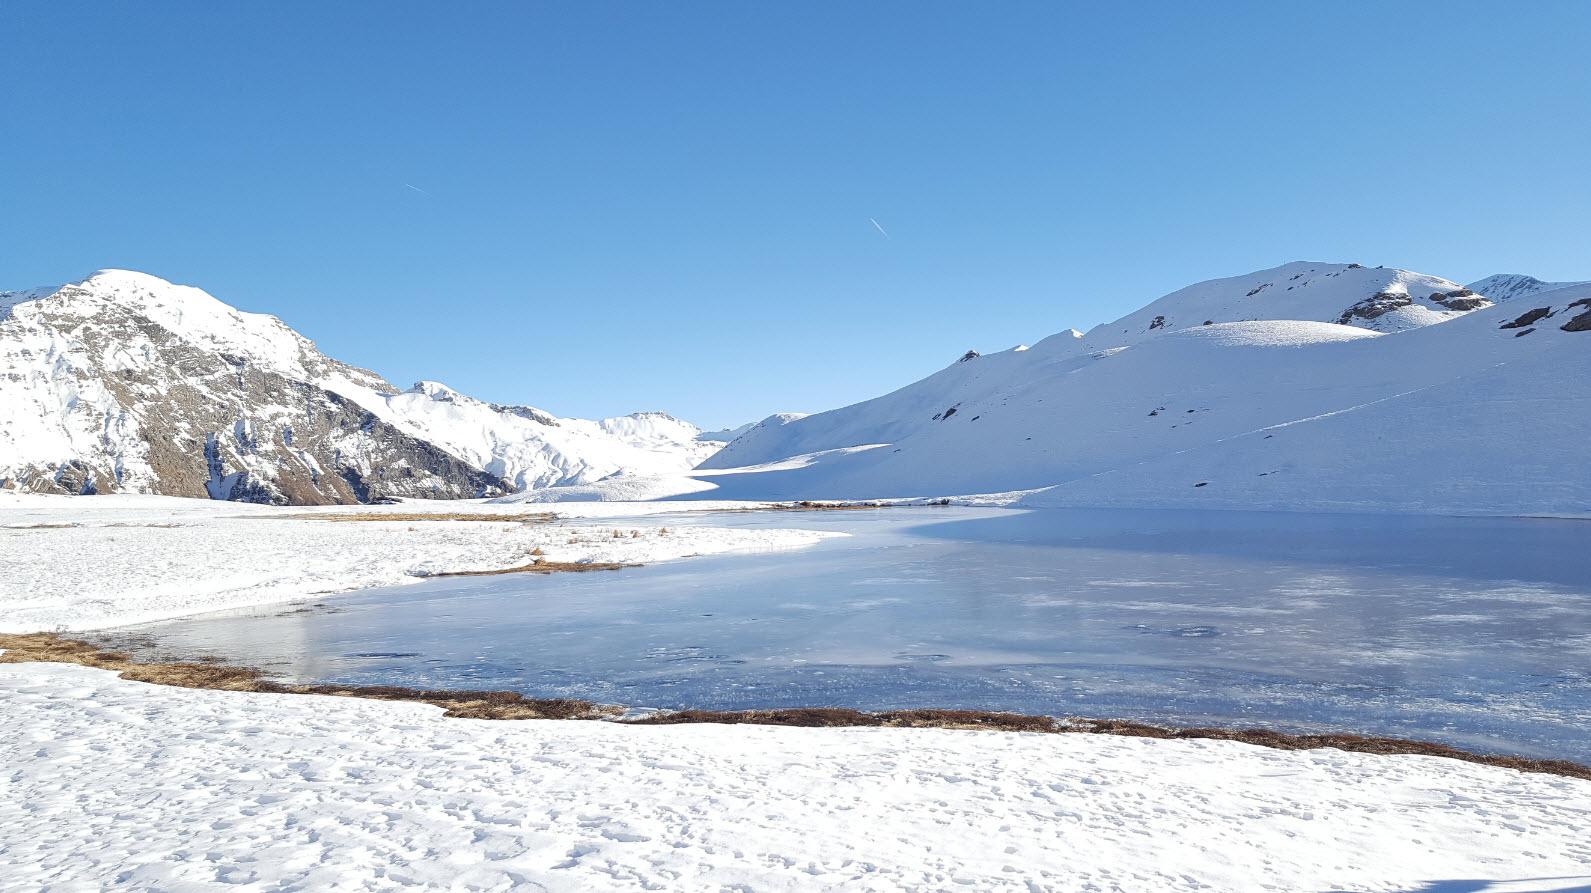 Lac sous la glace